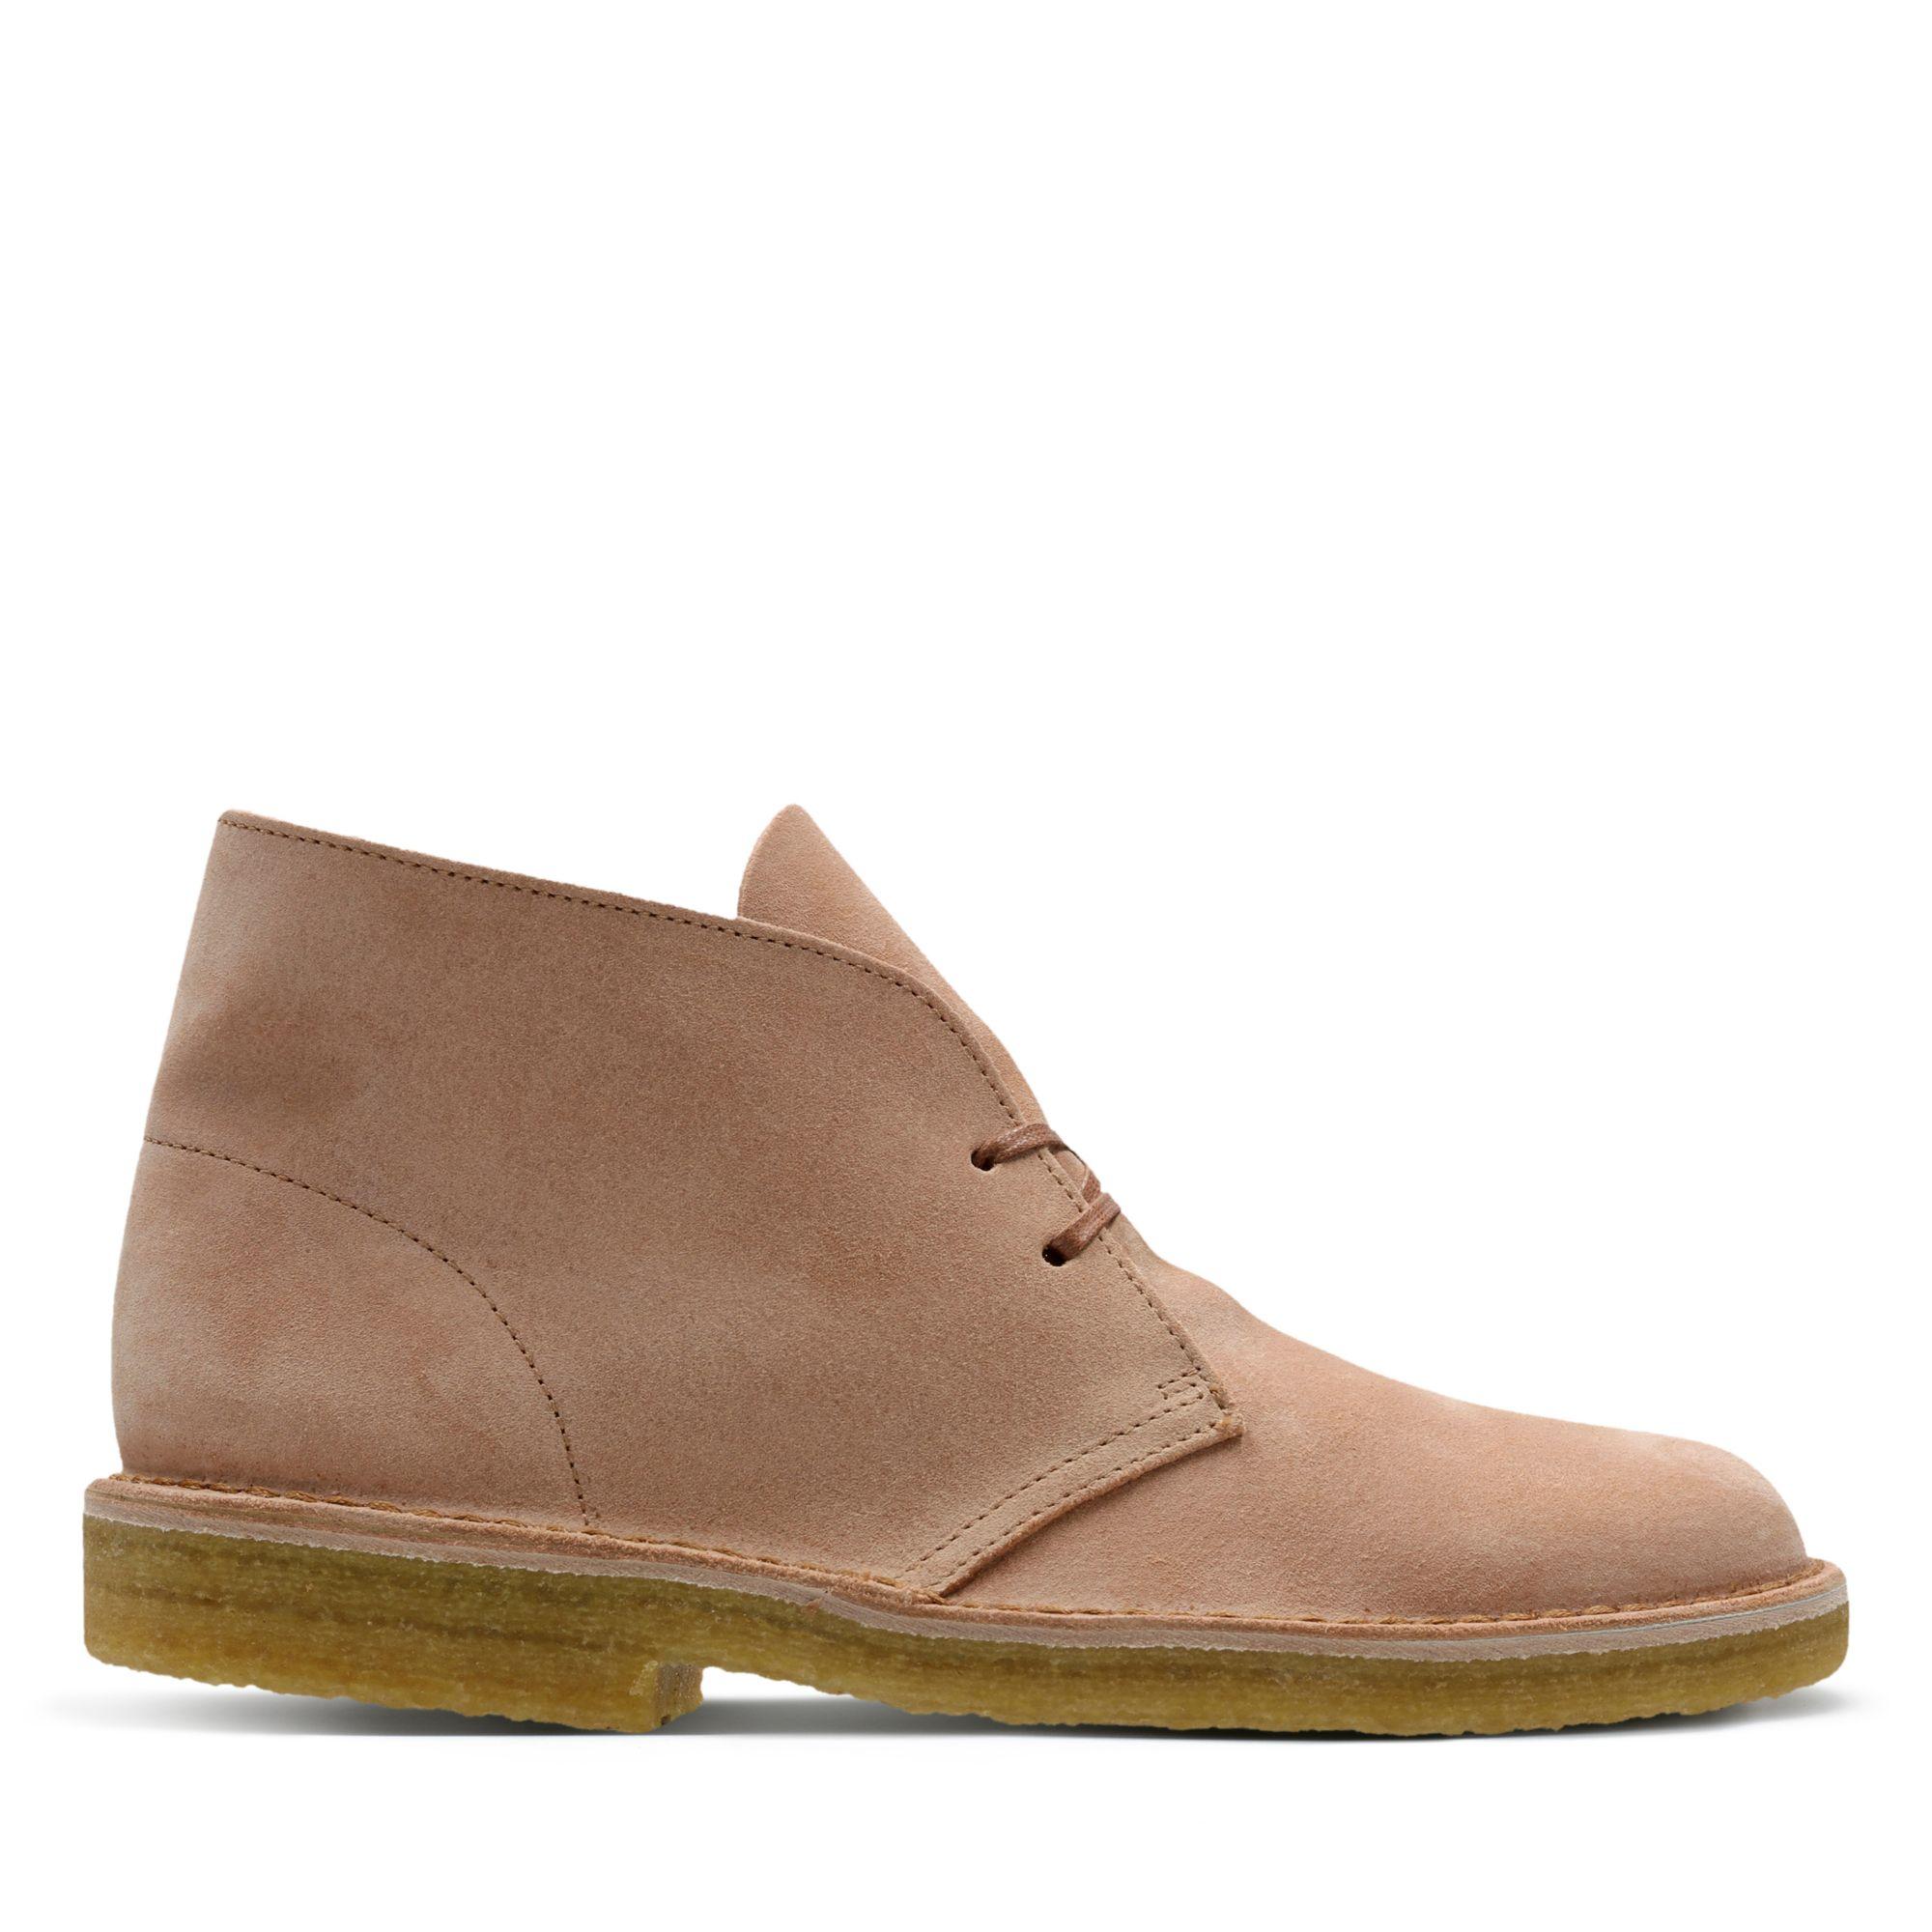 Clarks Desert Boot - Sandstone Suede - Mens 9.5